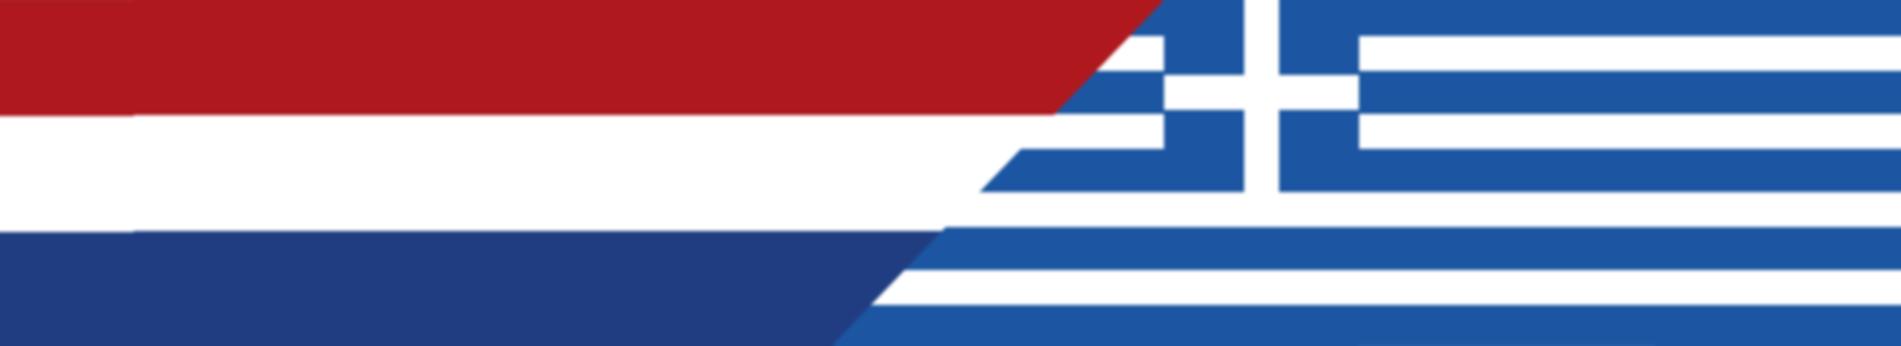 vlag NL vereniging.png